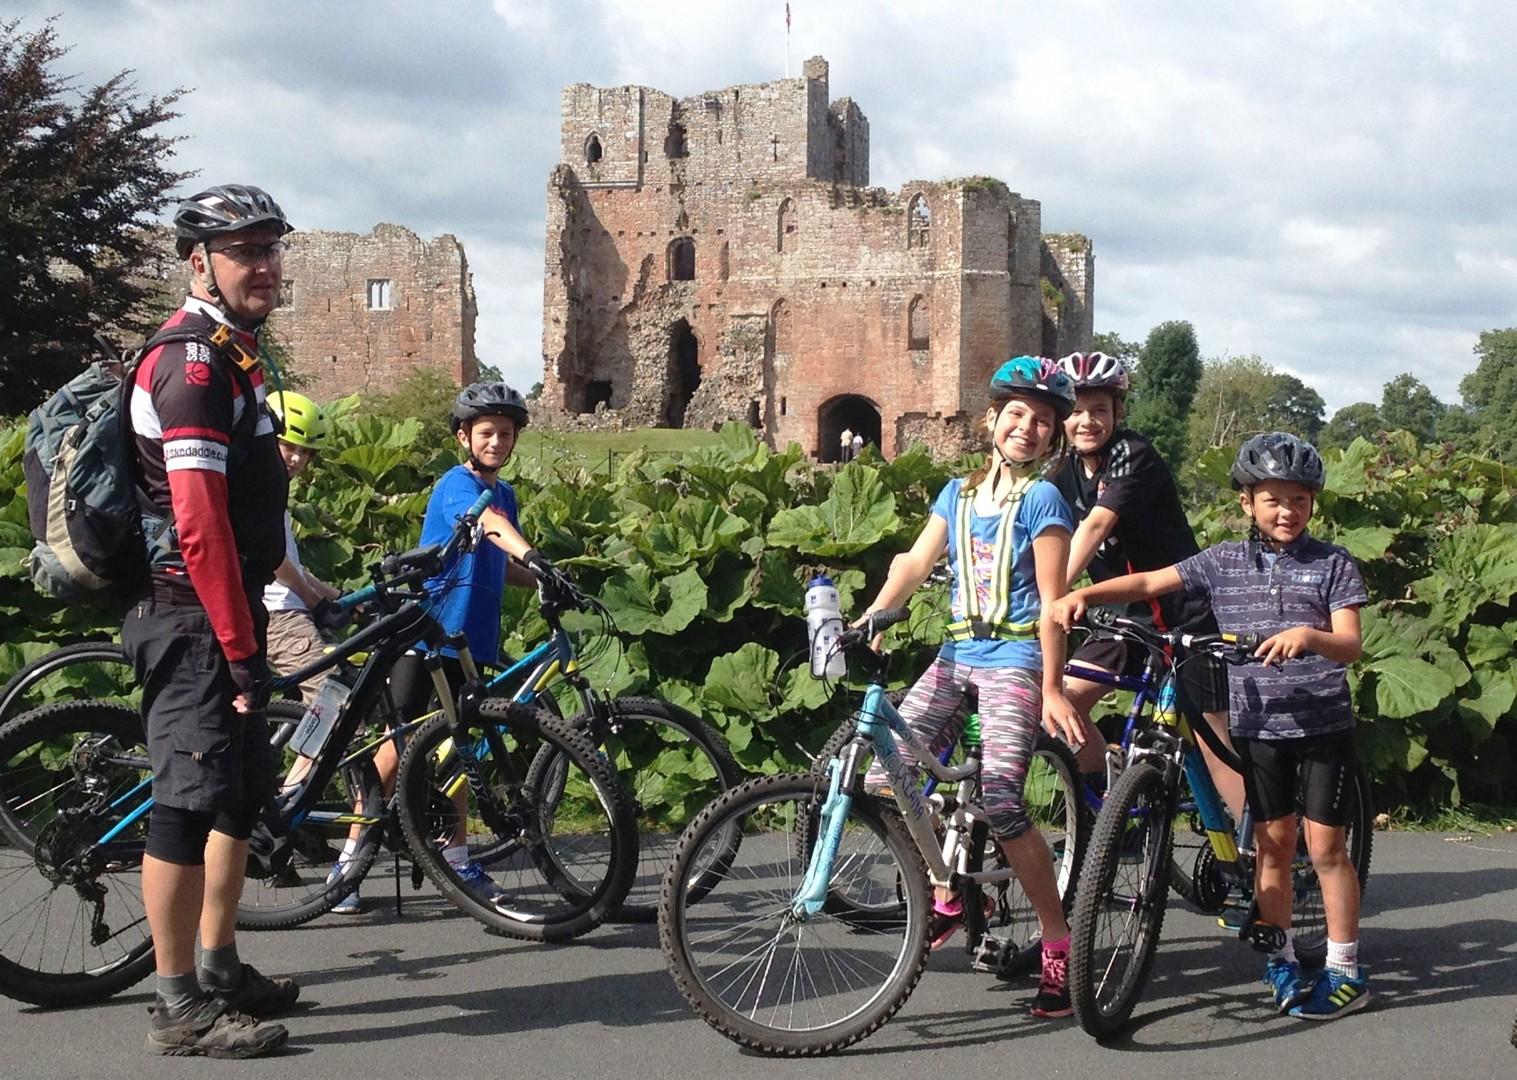 family-lake-district-weekend-skills.jpg - UK - Lake District - Guided Family Bike Skills - Family Cycling